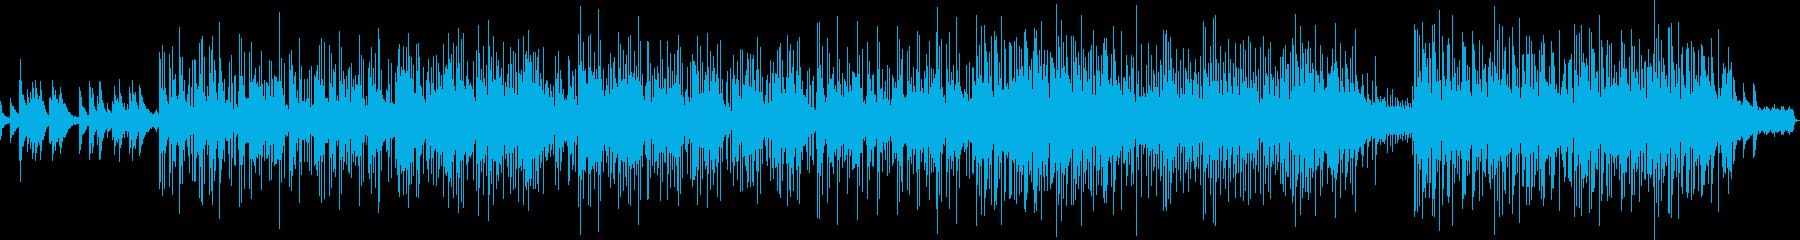 ドラマチックで切ないメロディの再生済みの波形